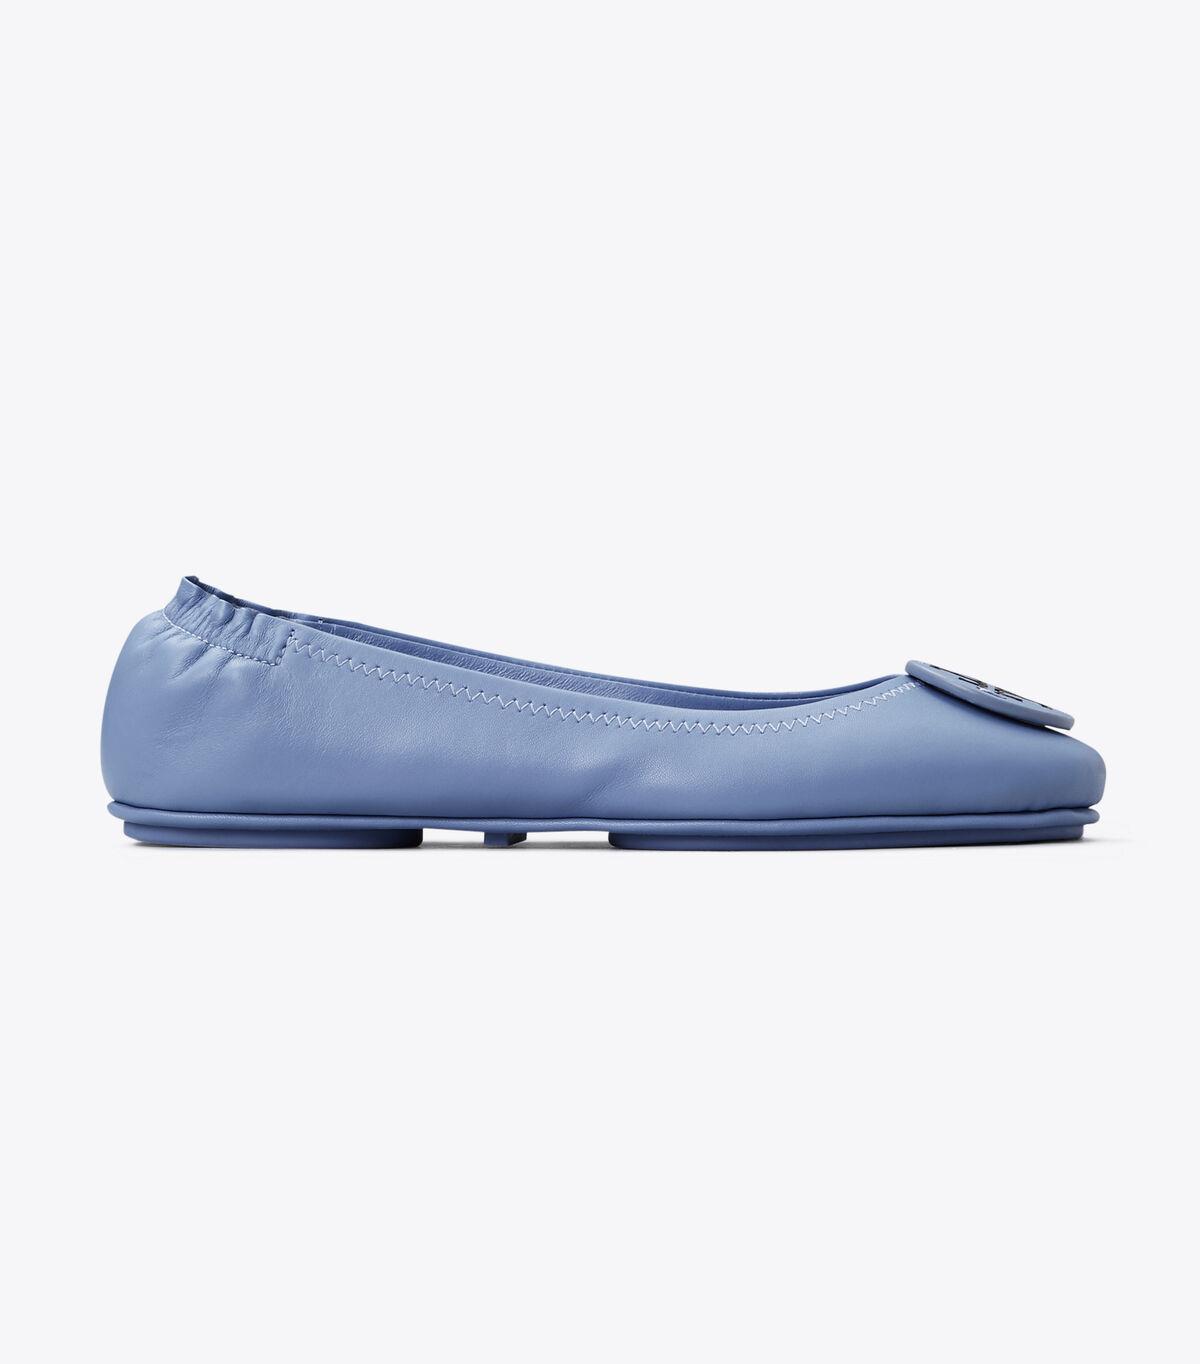 باليرينا ميني ترافيل مع شعار جلد / 400 / أحذية باليرينا